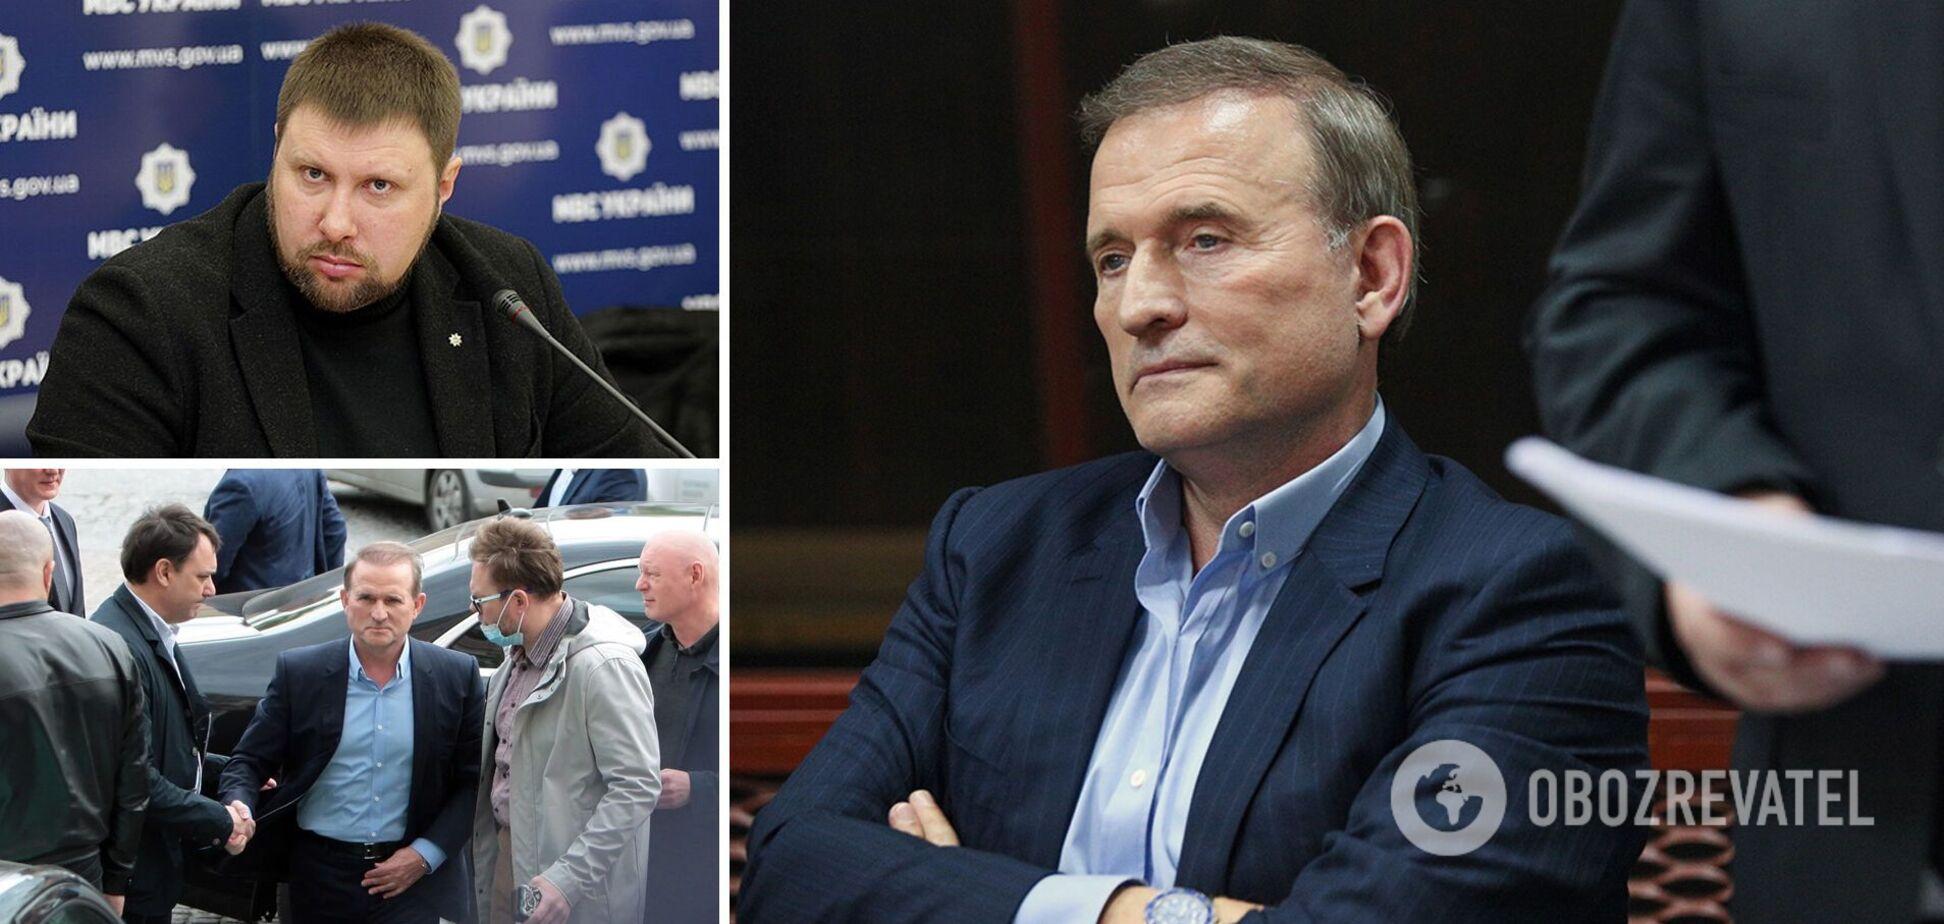 Радник Авакова: якщо Медведчуку винесуть вирок, то про нього в Україні швидко всі забудуть